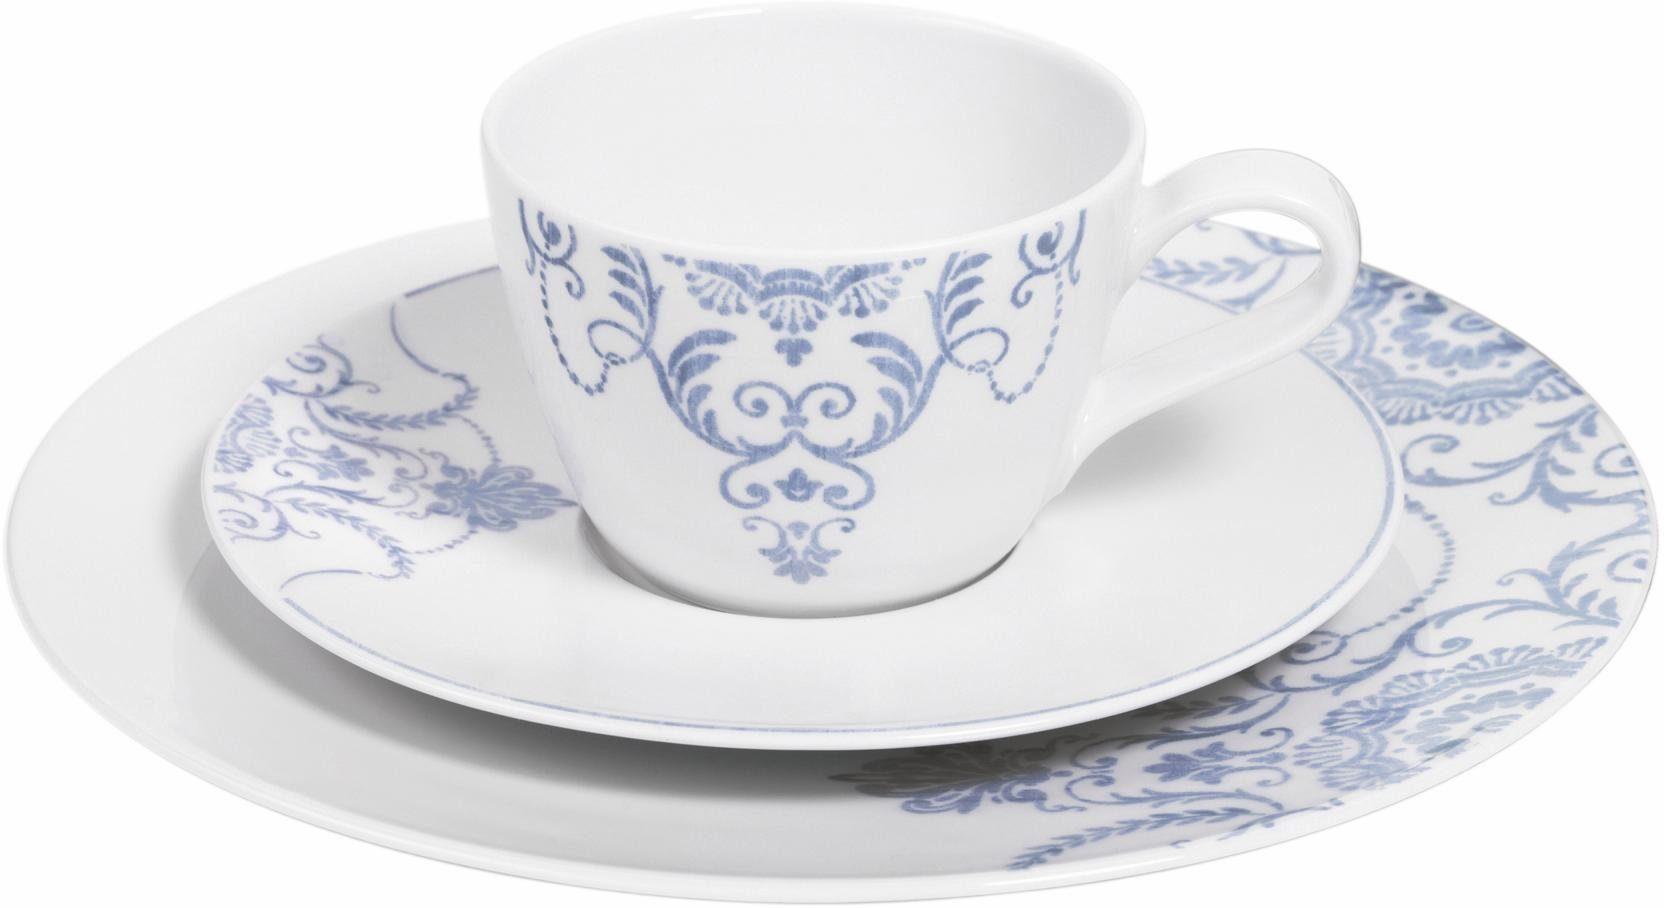 Seltmann Weiden Kaffeeservice, Porzellan, 18 Teile, »Life Masira blau«